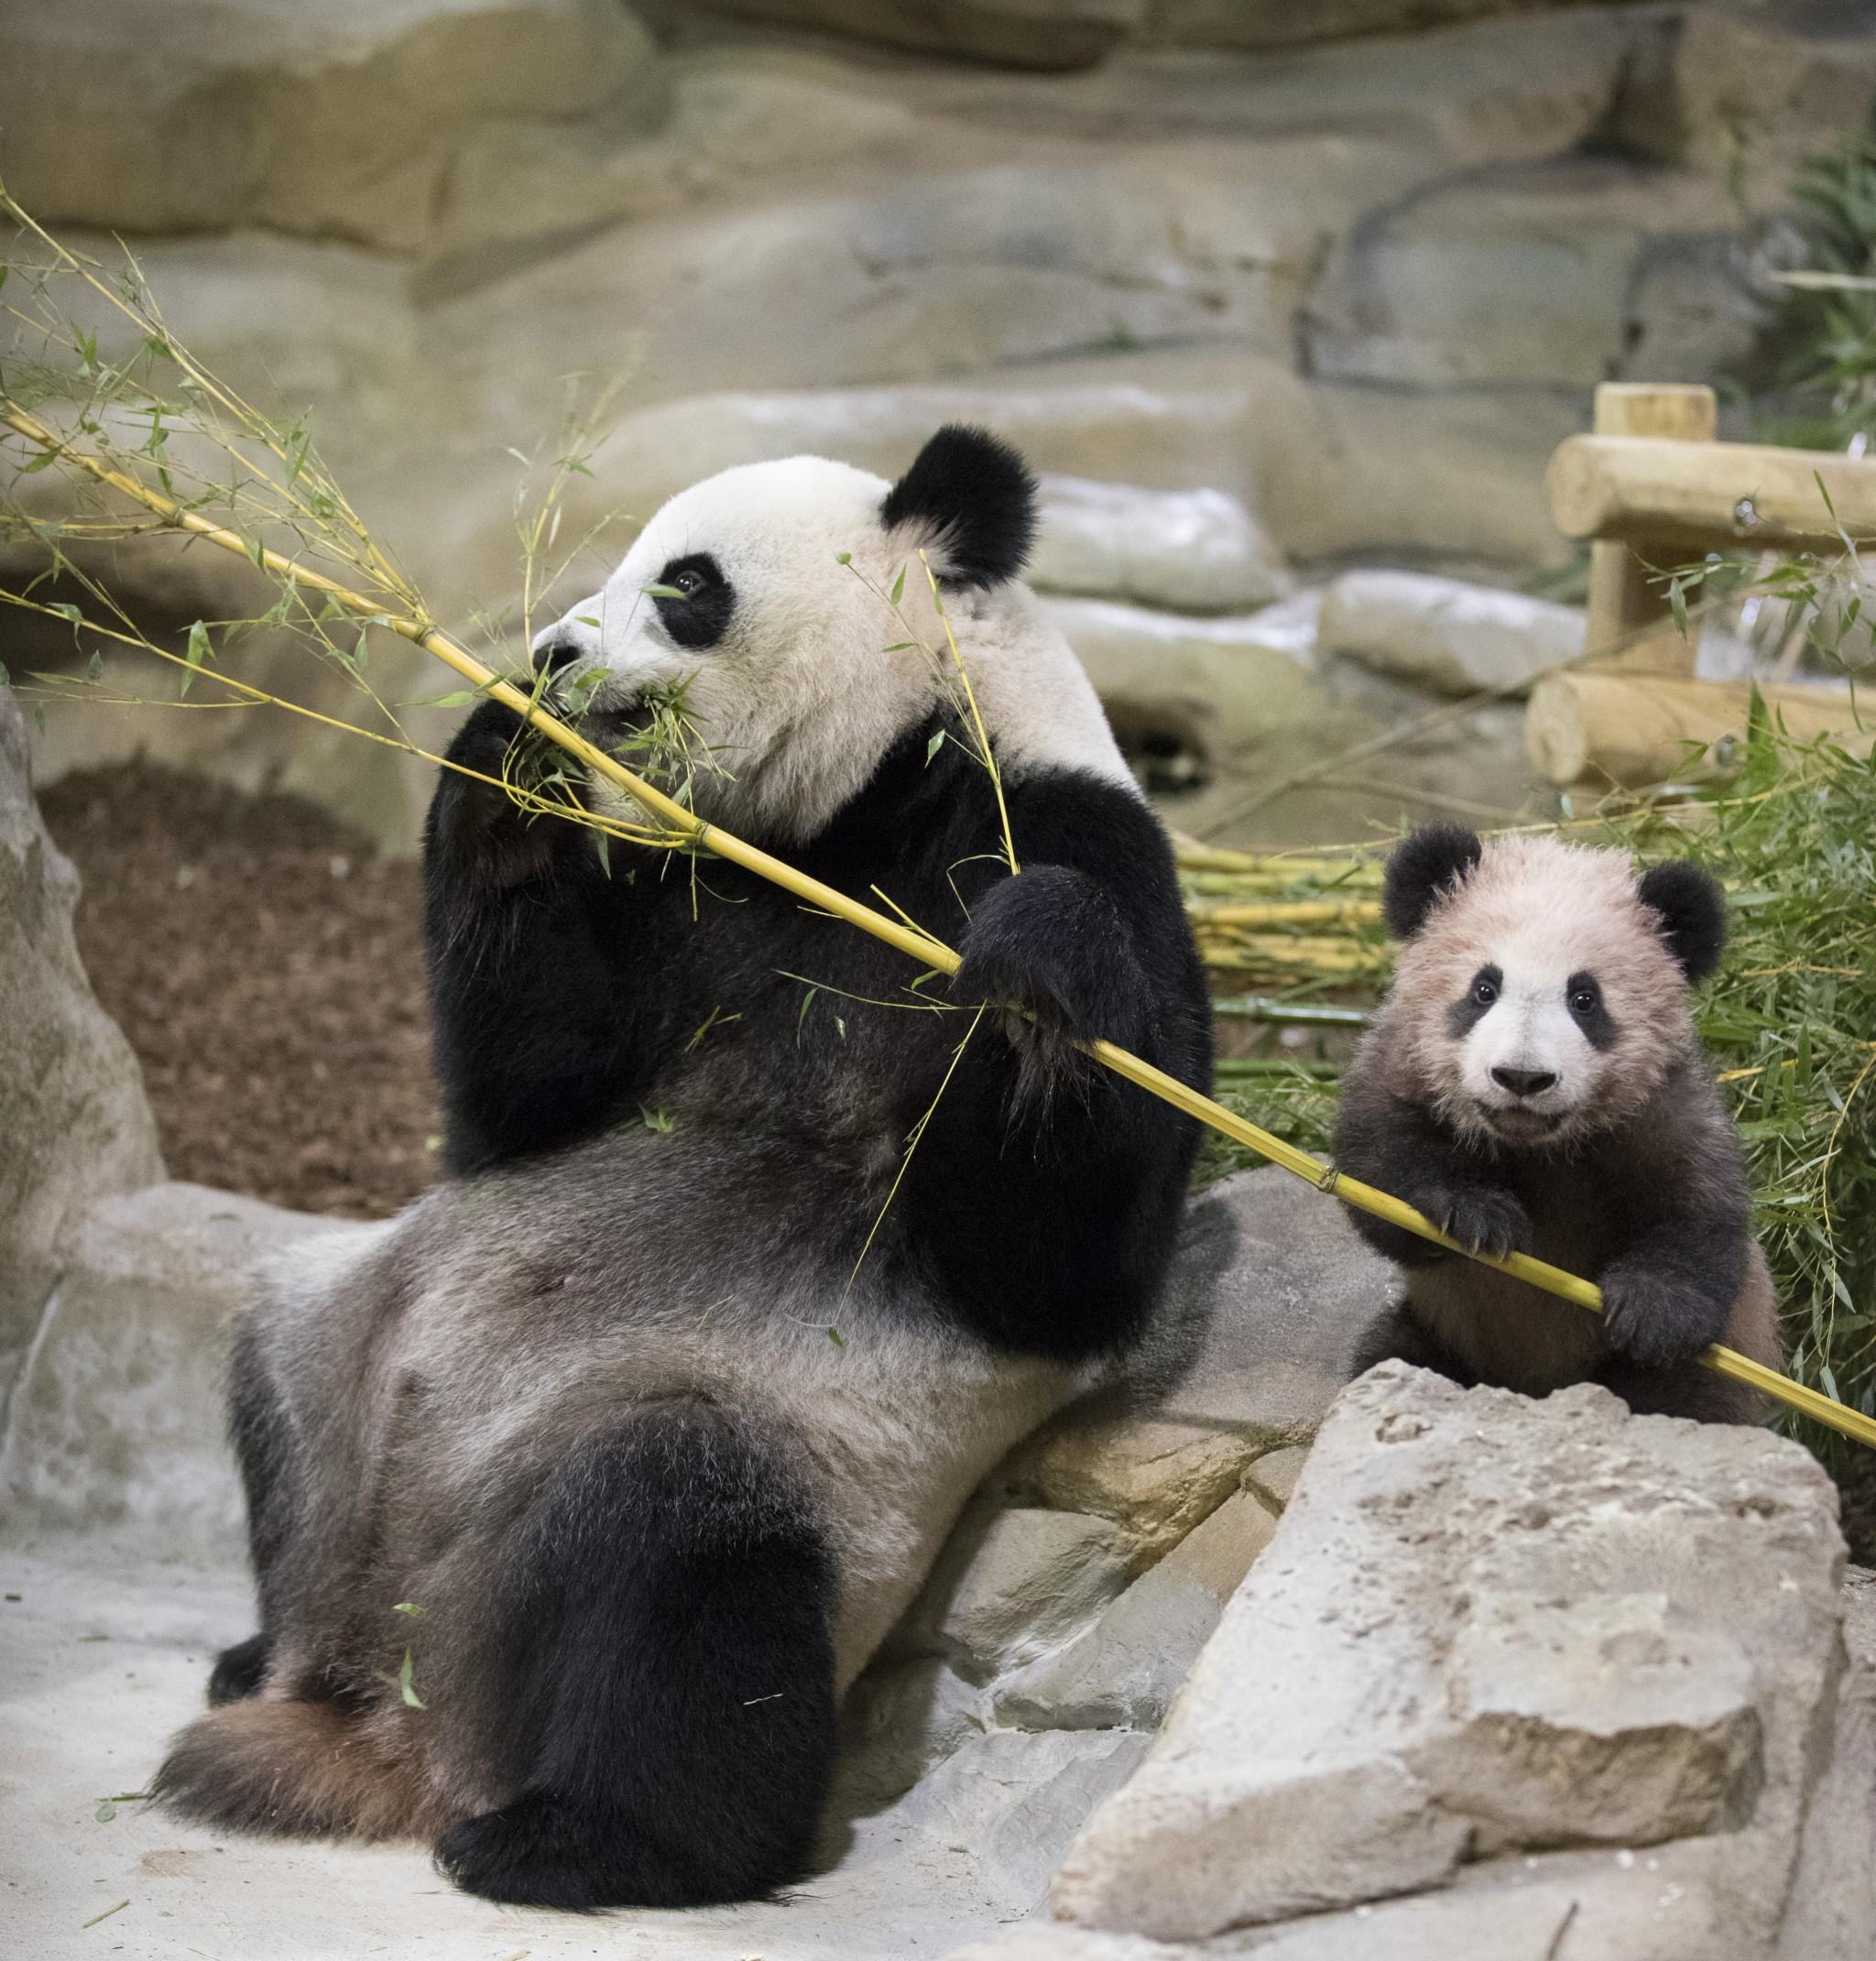 136-beaval-yuan-meng-mini-yuan-zi-panda.jpeg